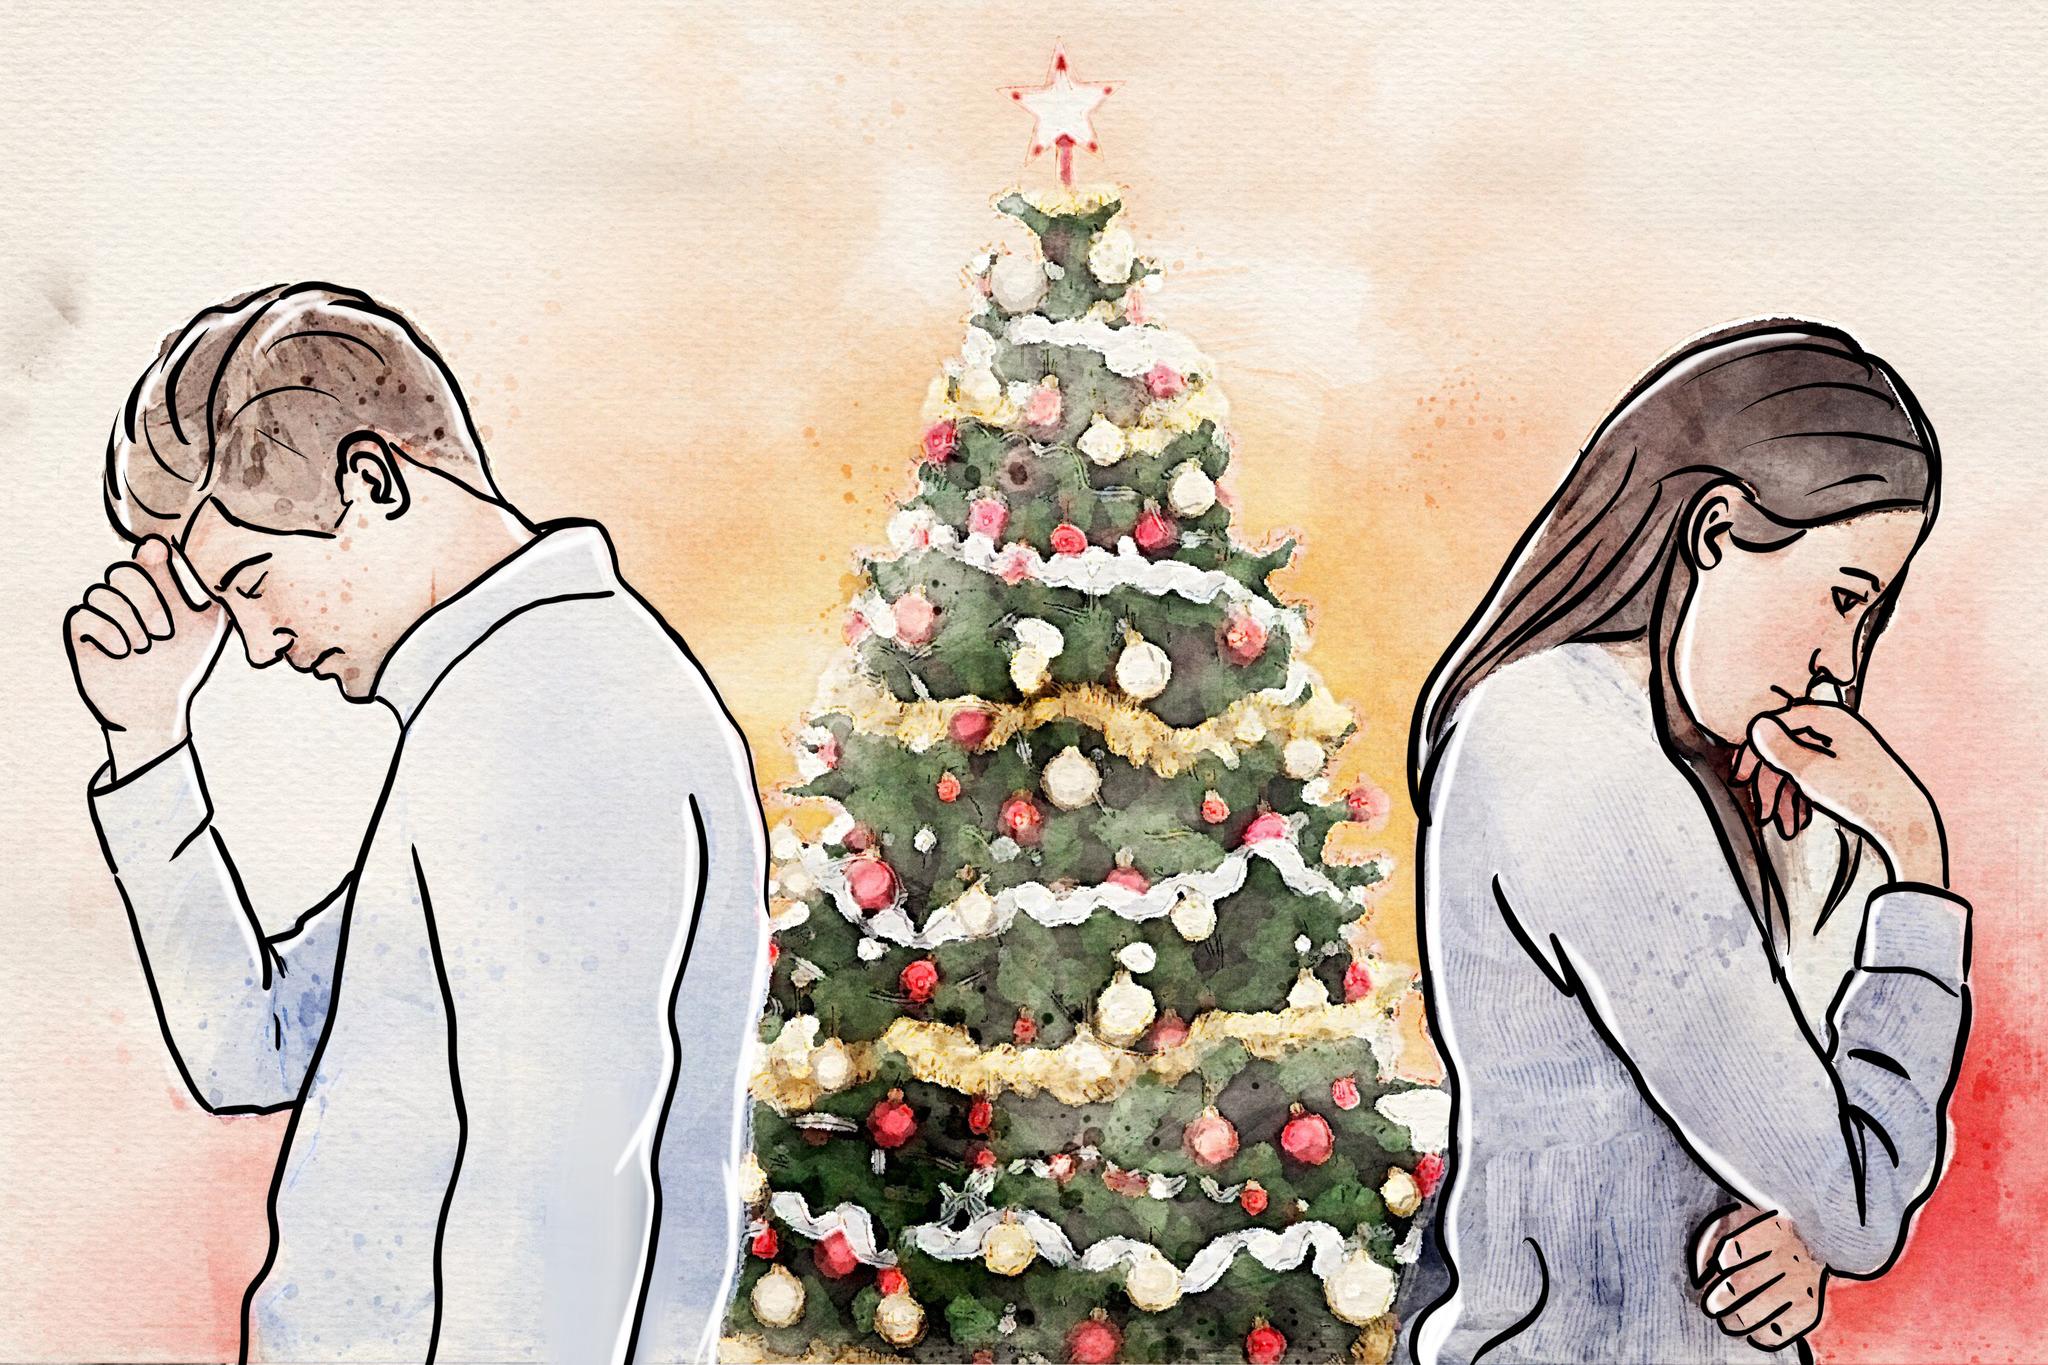 Часто именно в Новый год молодые люди понимают, что рядом не тот человек и надо срочно что-то менять